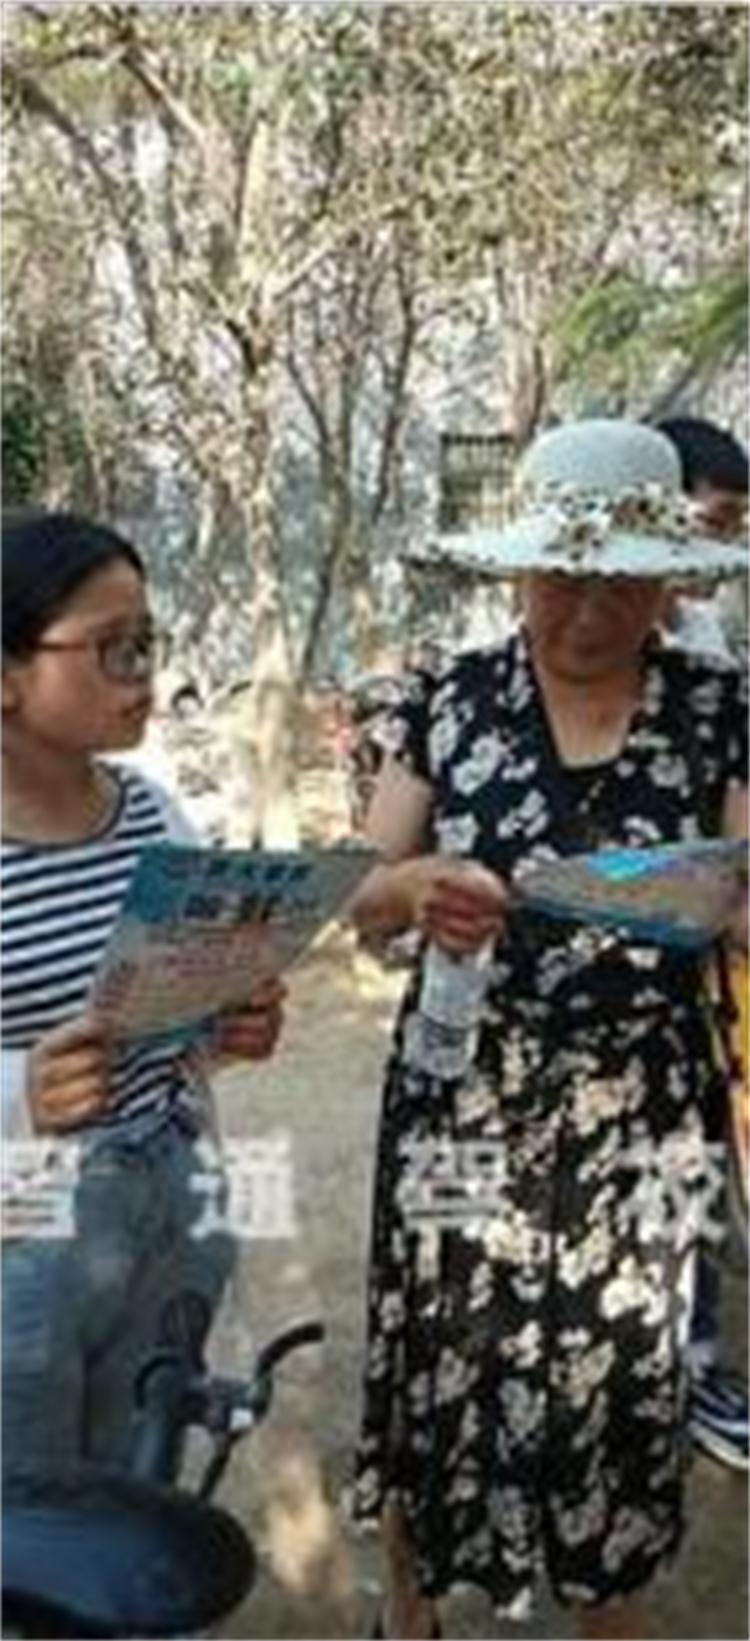 郑州正规驾校优惠活动 诚信为本 智通驾校供应